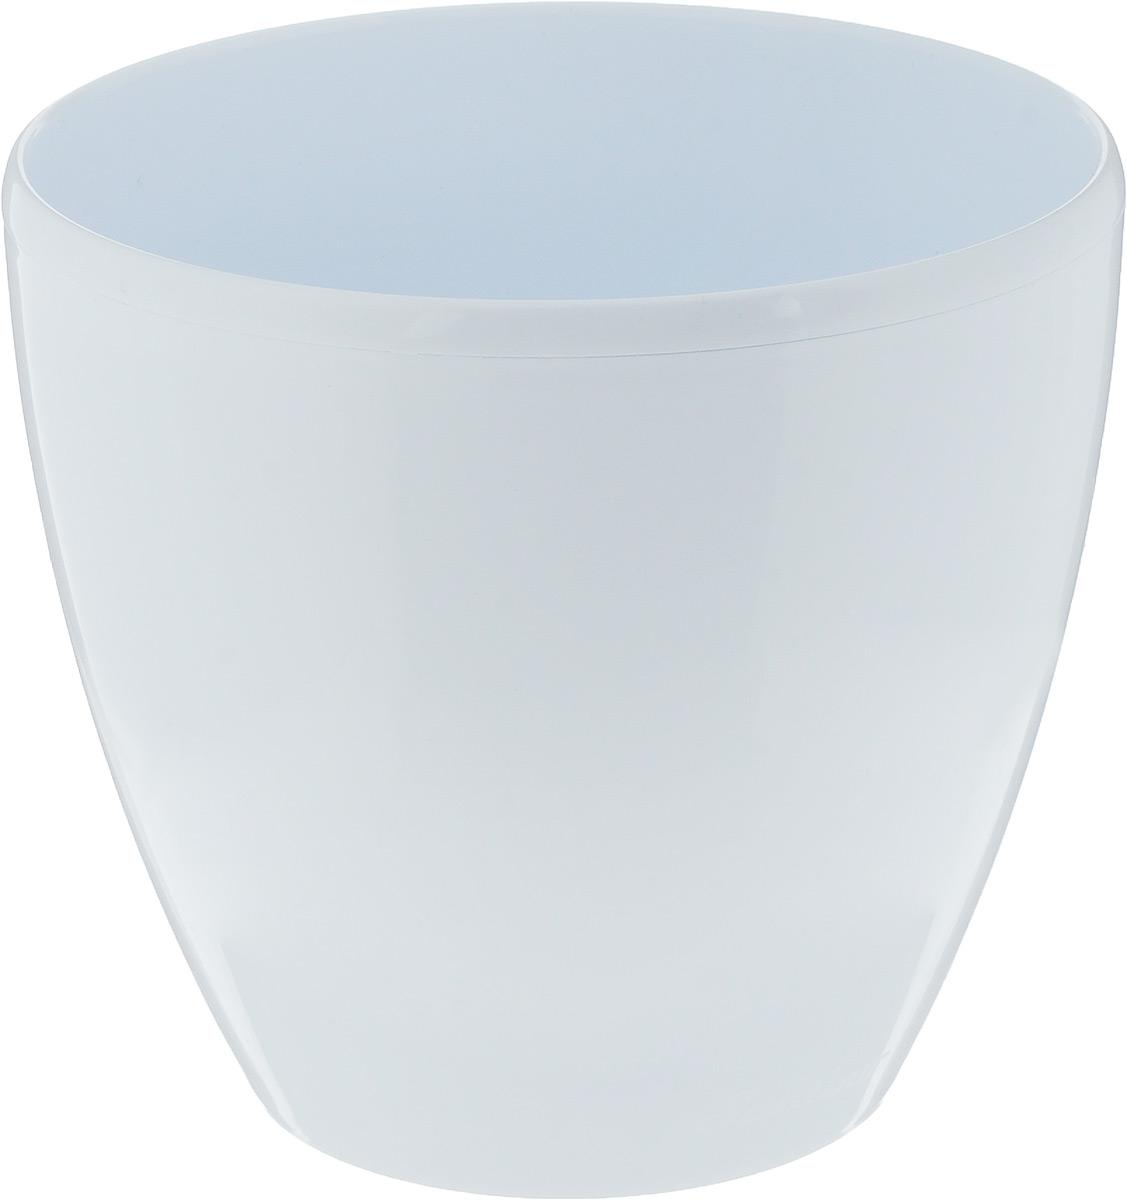 Горшок цветочный Santino Deco Twin, с системой автополива, цвет: белый, 2,5 л холодильник samsung rs4000 с двухконтурной системой twin cooling 569 л